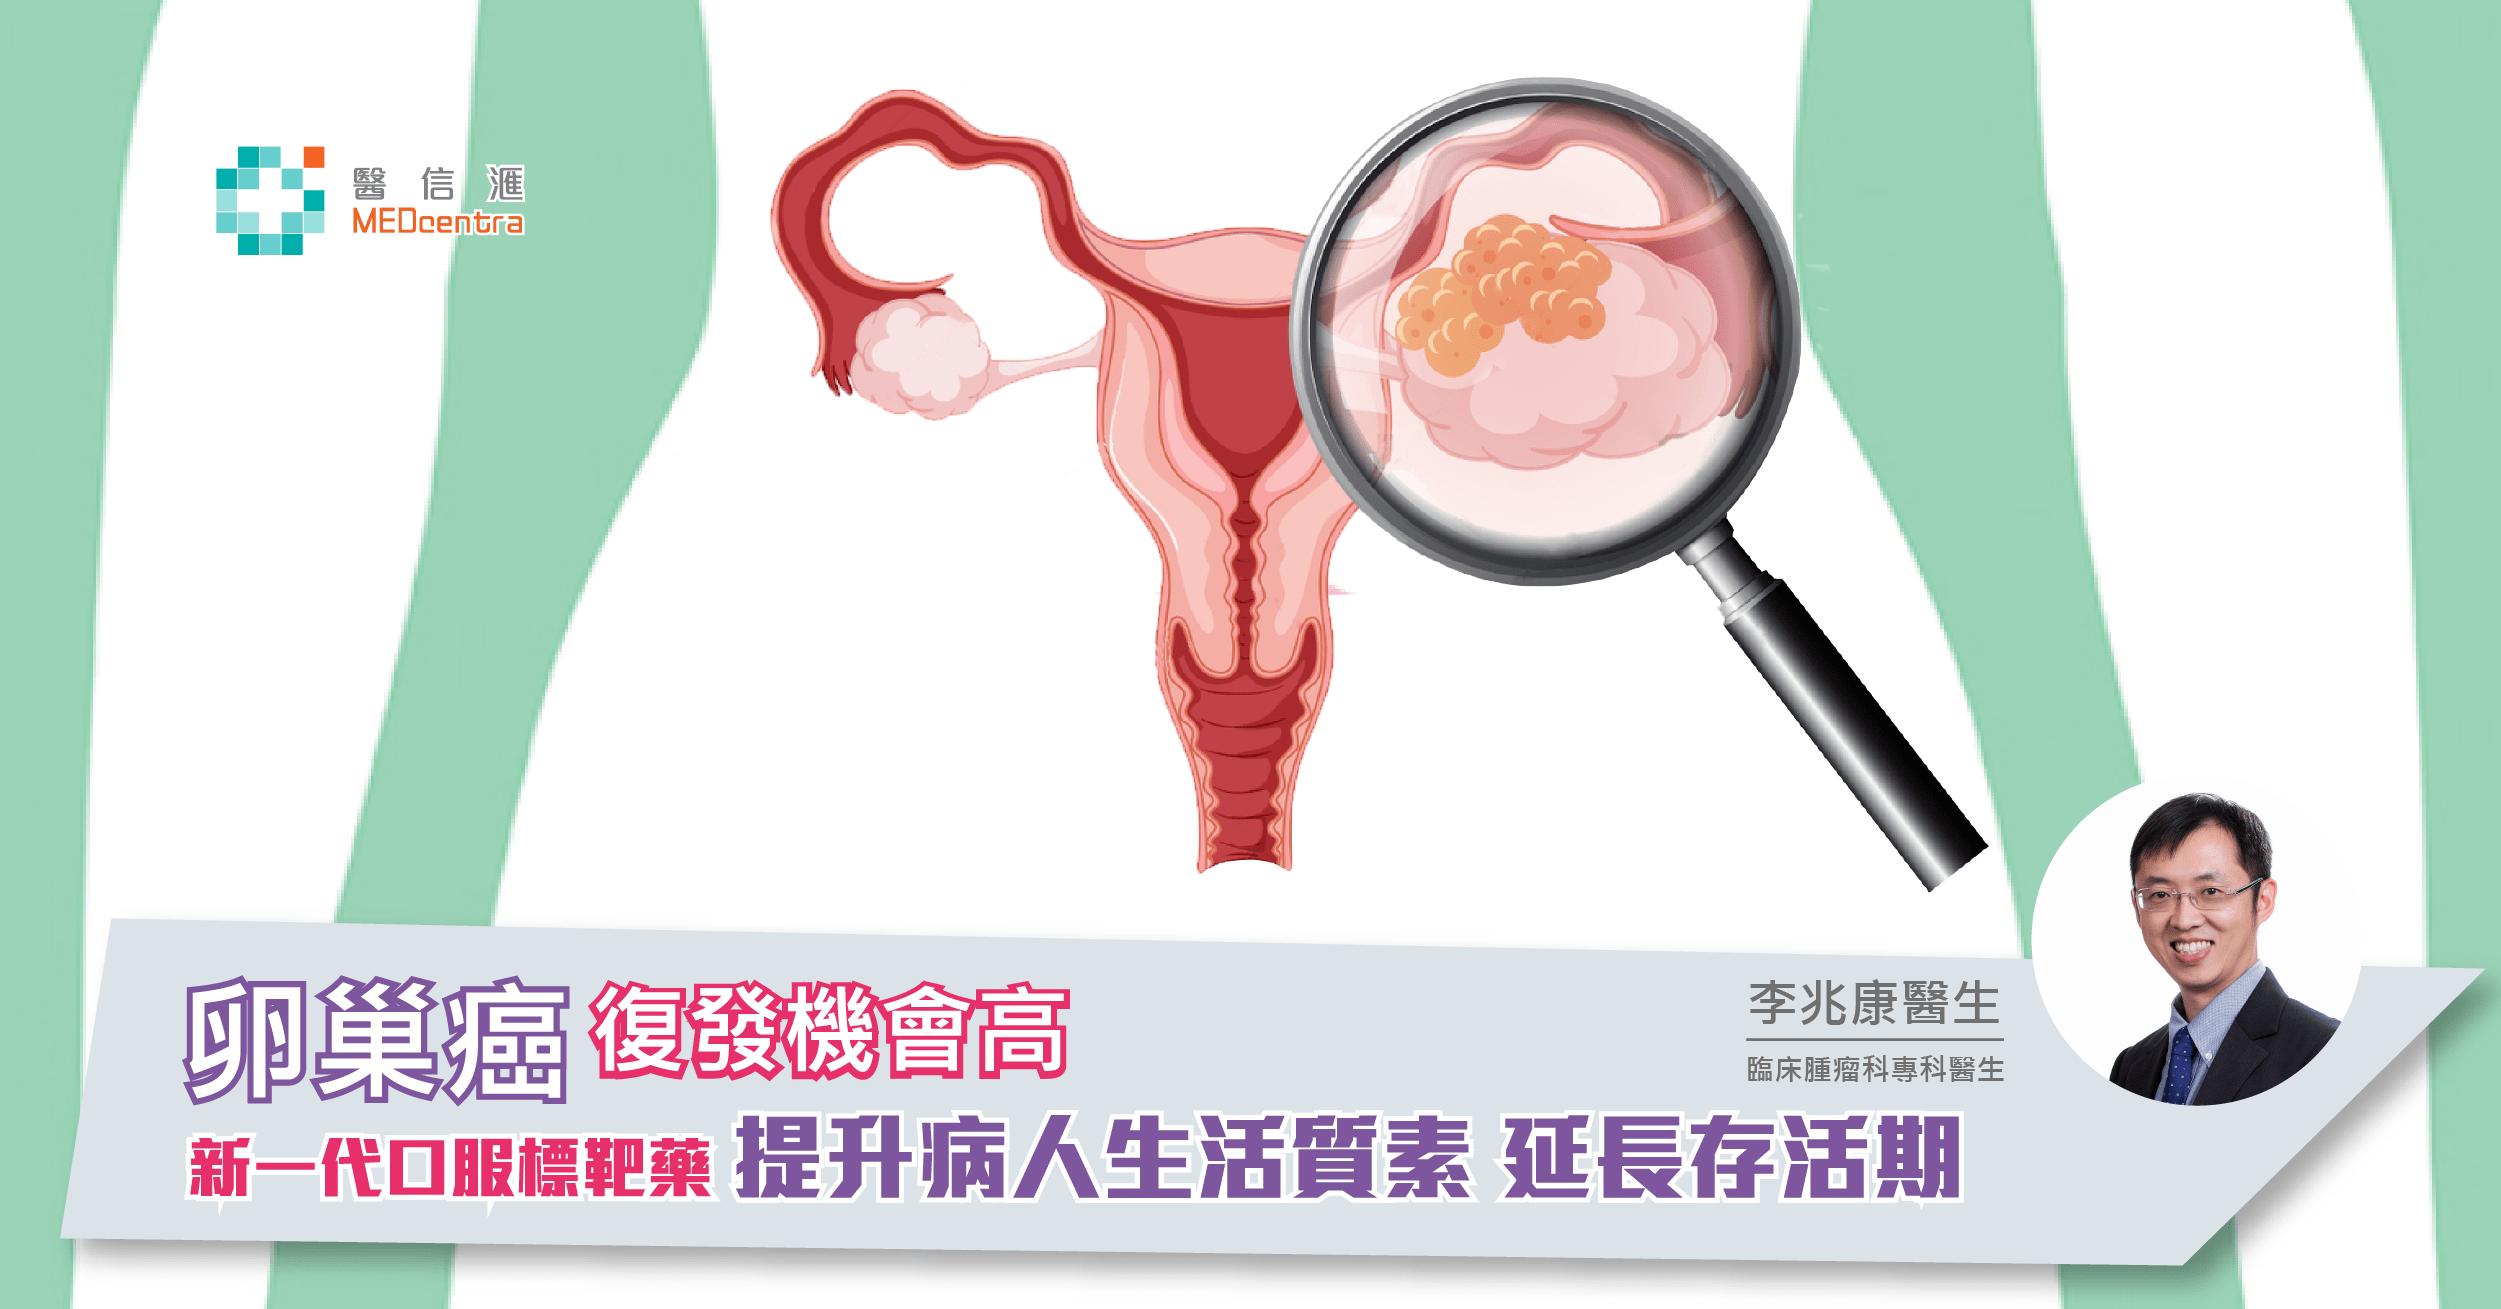 8成卵巢癌化療後仍復發 新一代標靶藥解困局